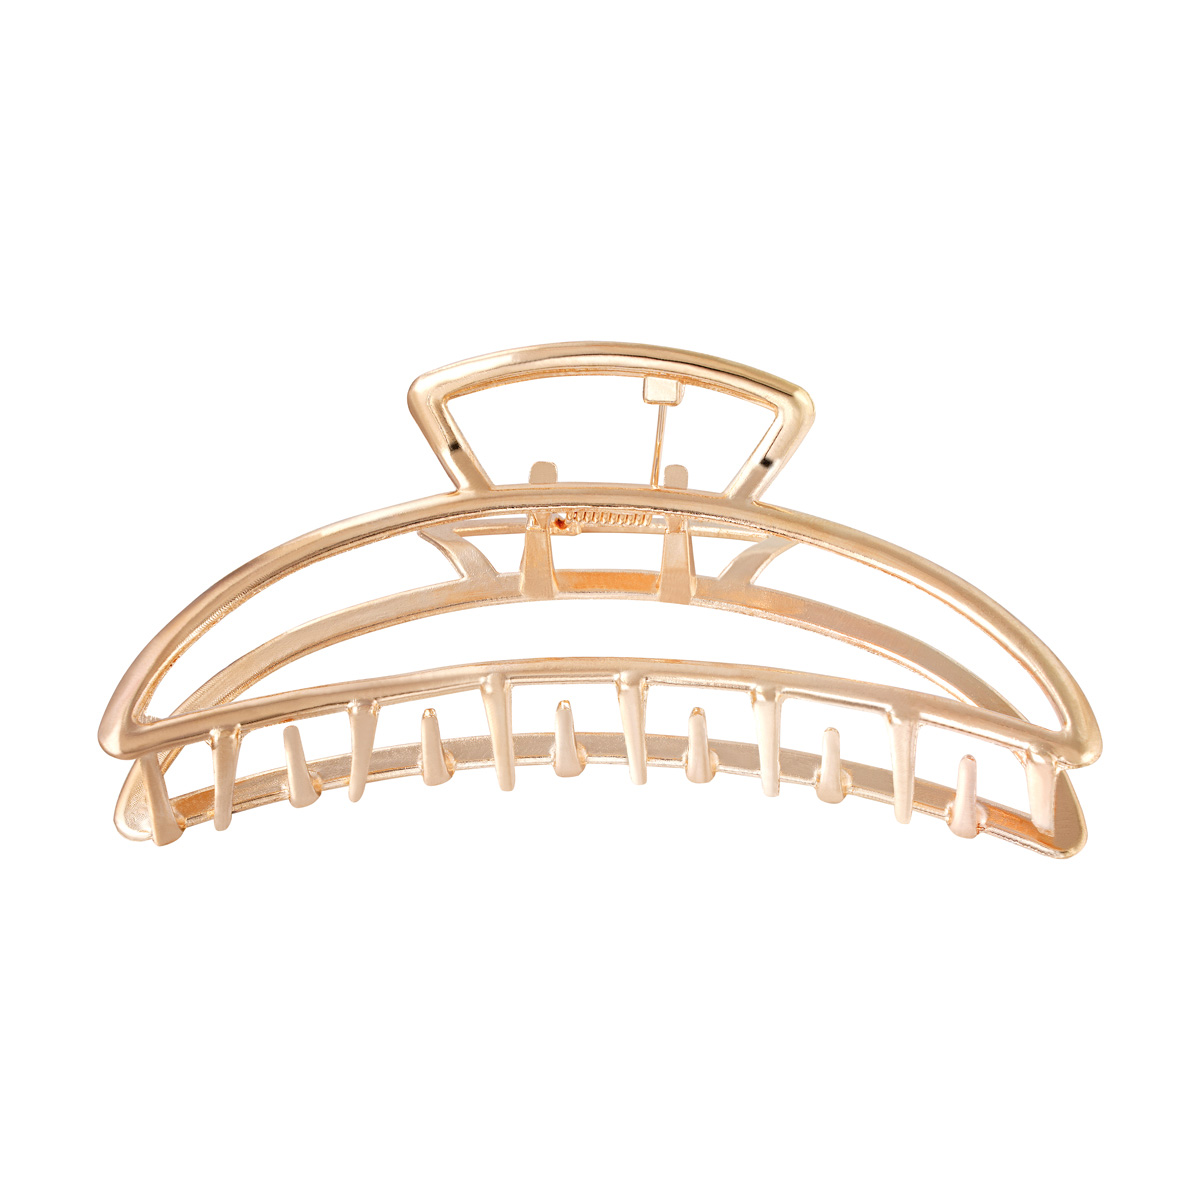 Große metallhaarspange in goldfarbe in halbmondform